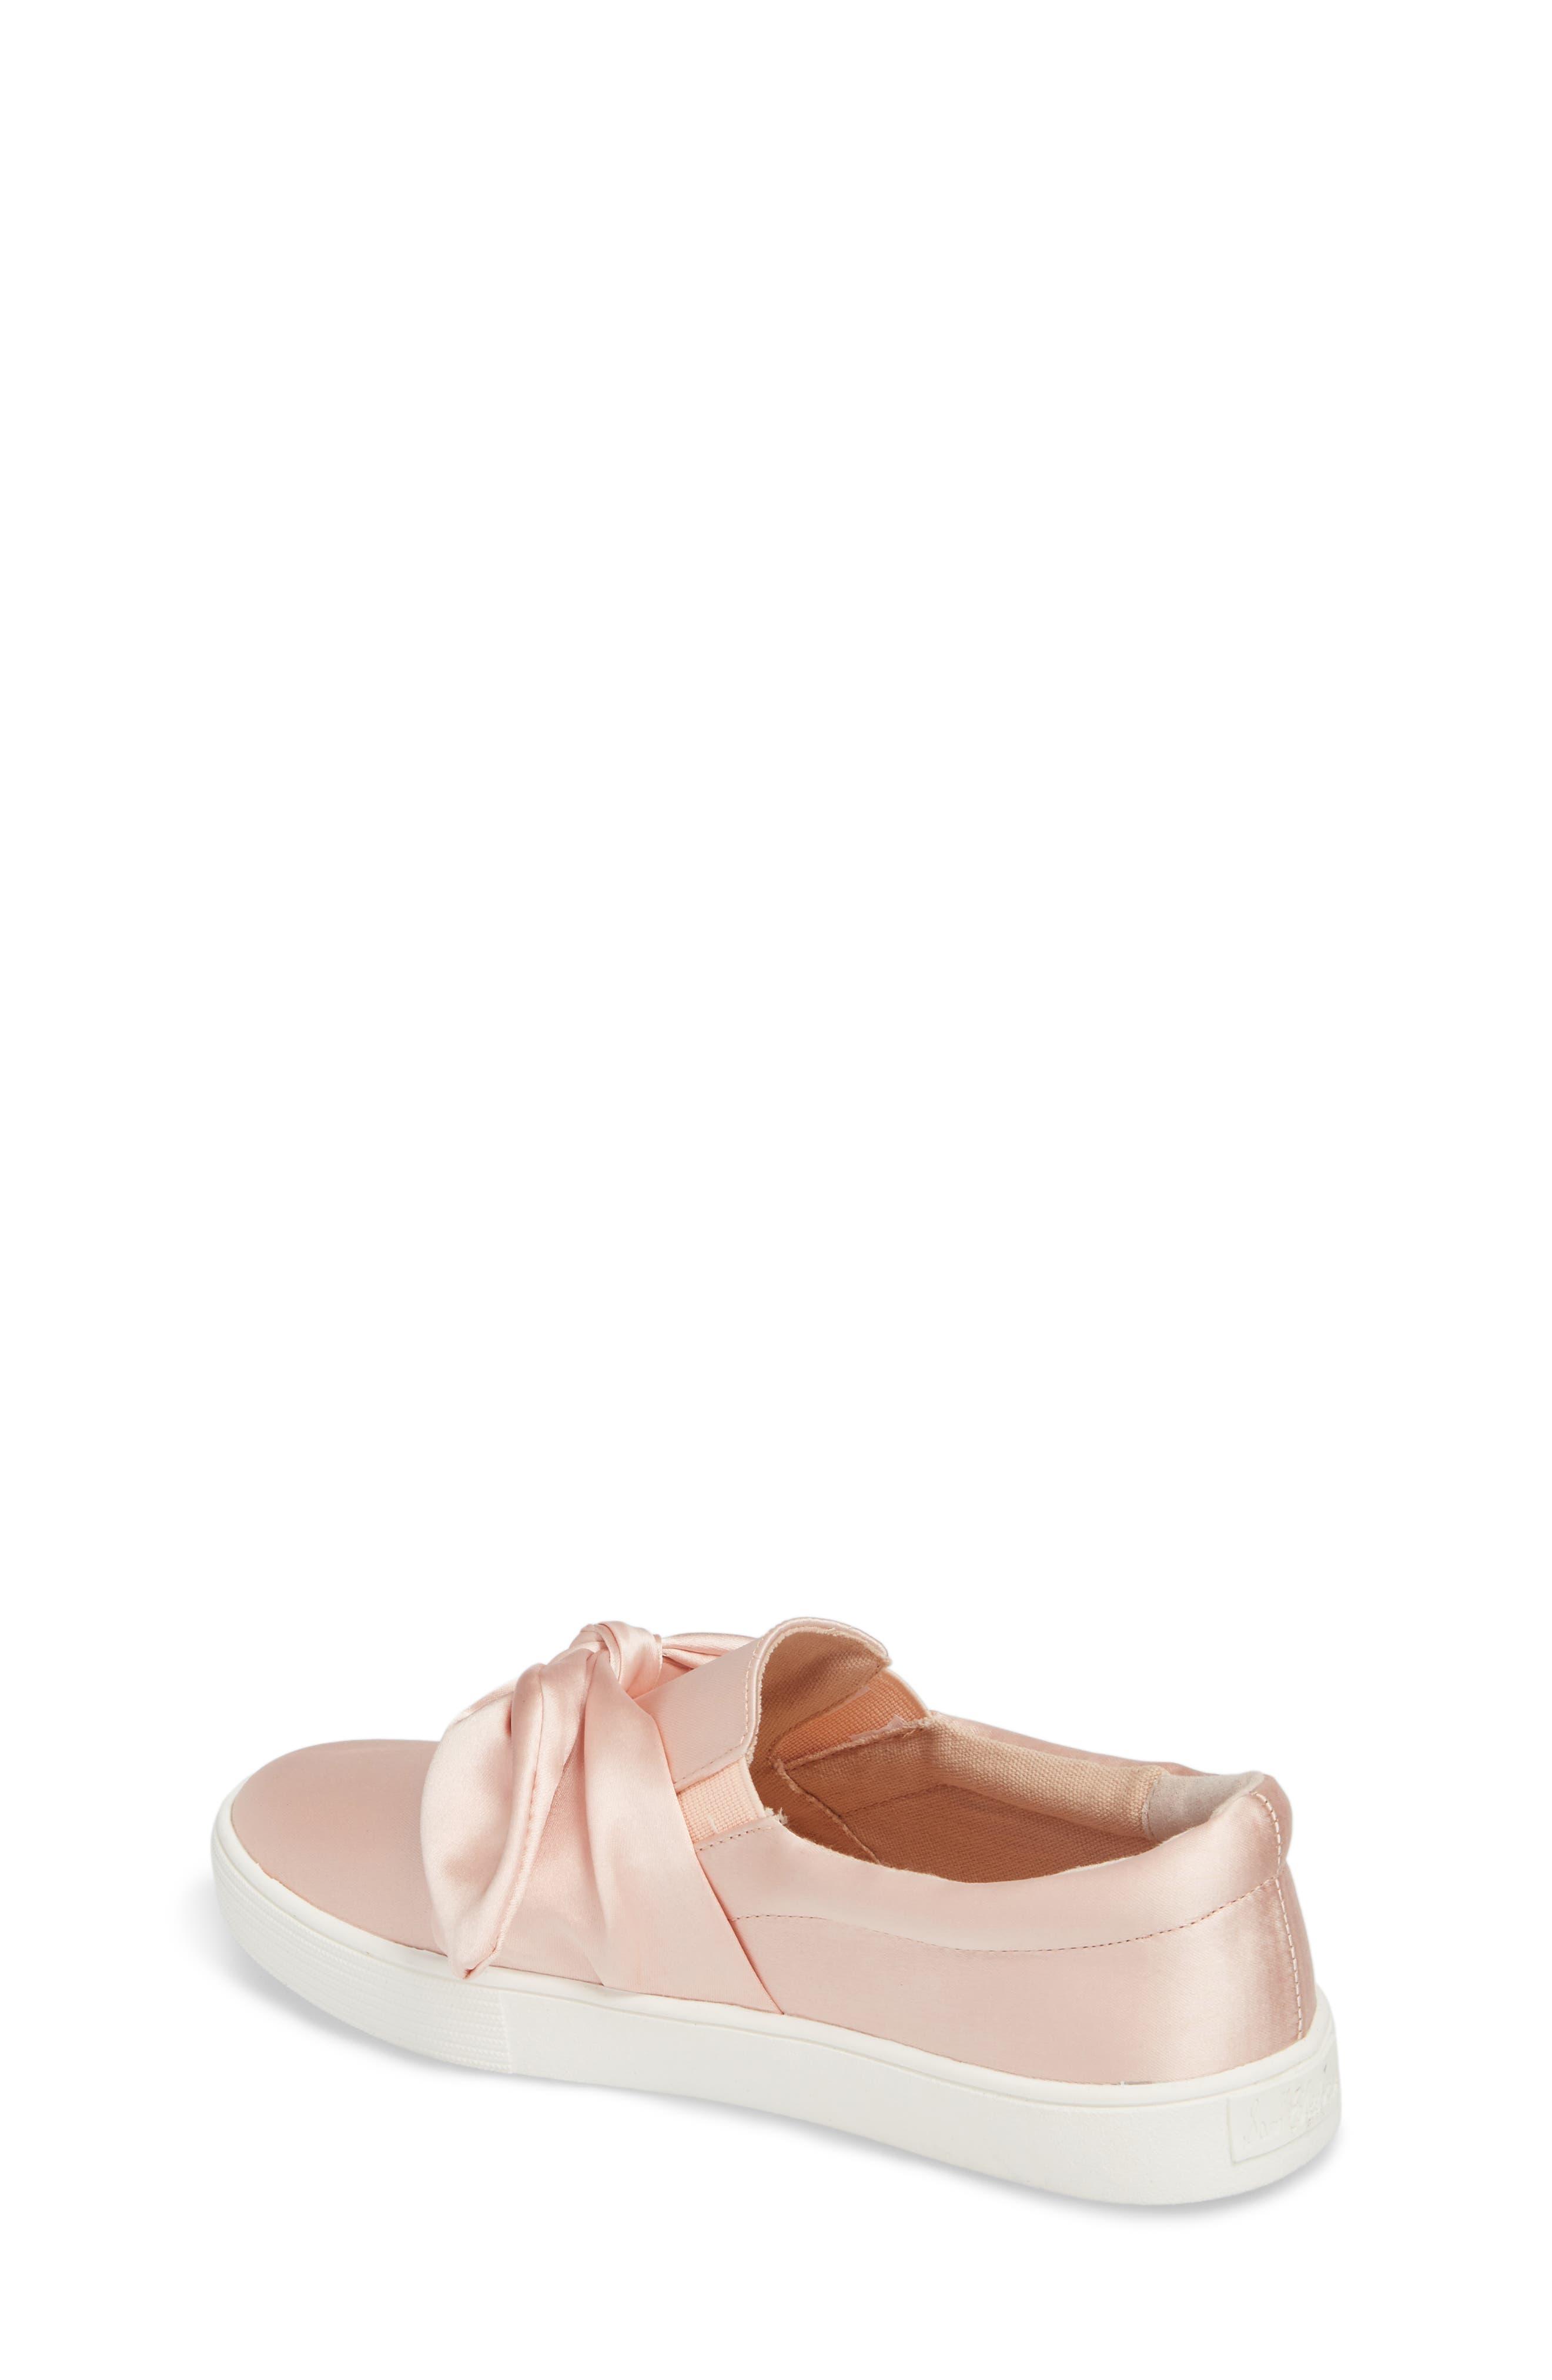 Bella Eden Slip-On Sneaker,                             Alternate thumbnail 2, color,                             Blush Satin